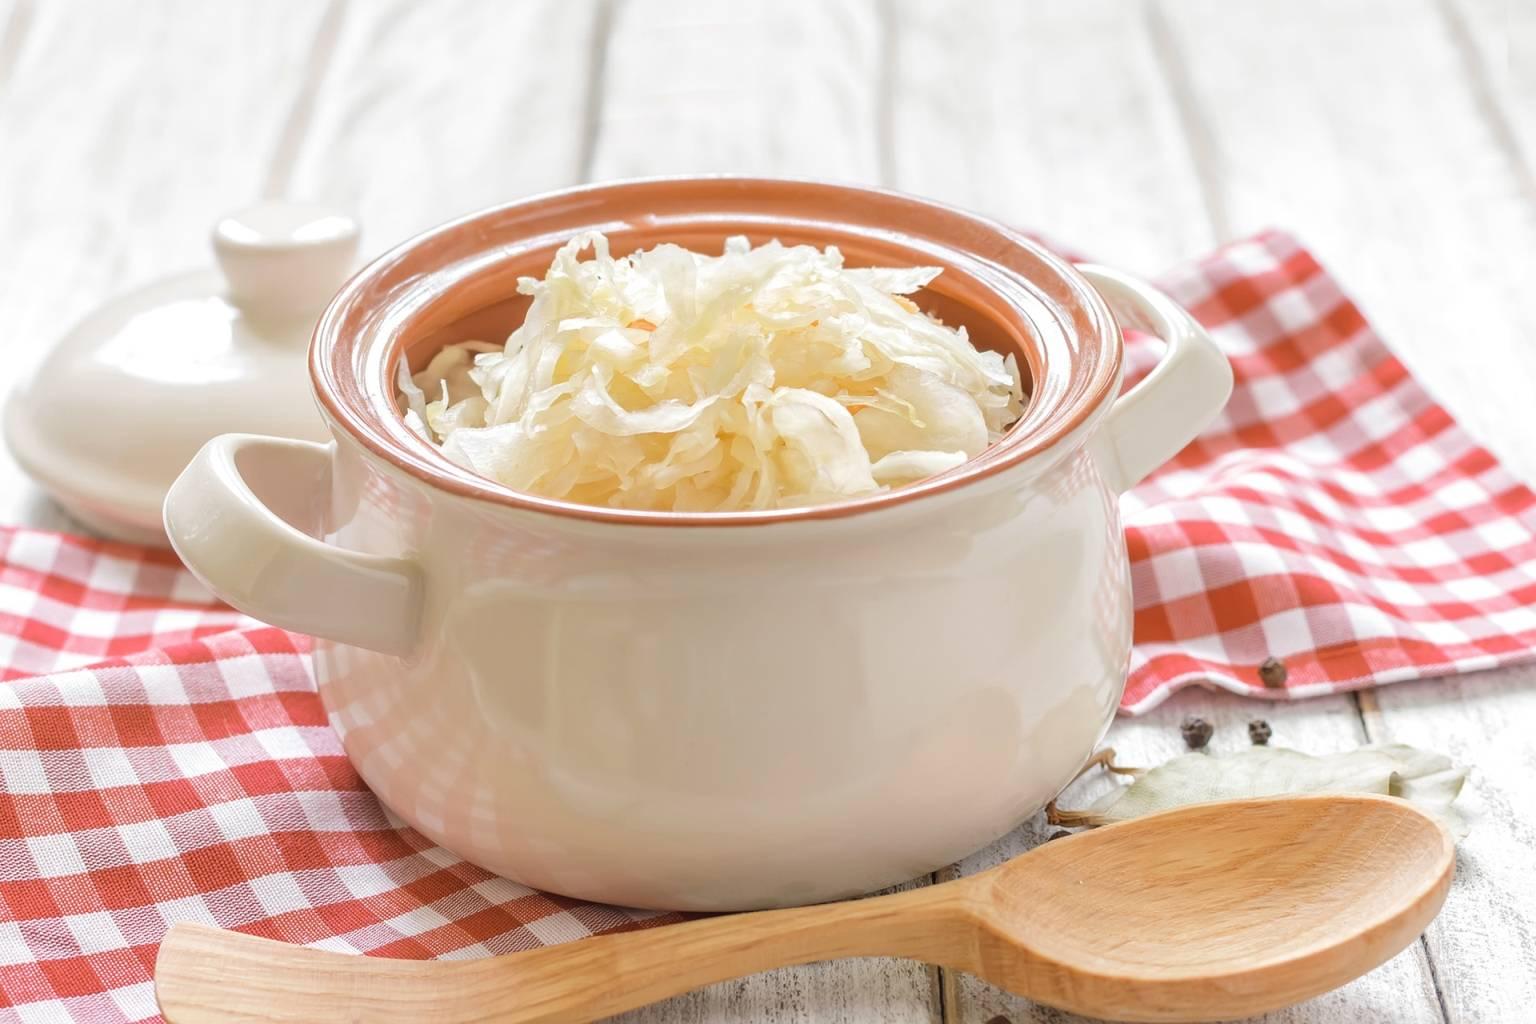 Kiszona kapusta w białej misce z pokrywką leży na ściereczce kuchennej w ciało-czerwoną kratkę. Naturalne probiotyki wzmacniają odporność.